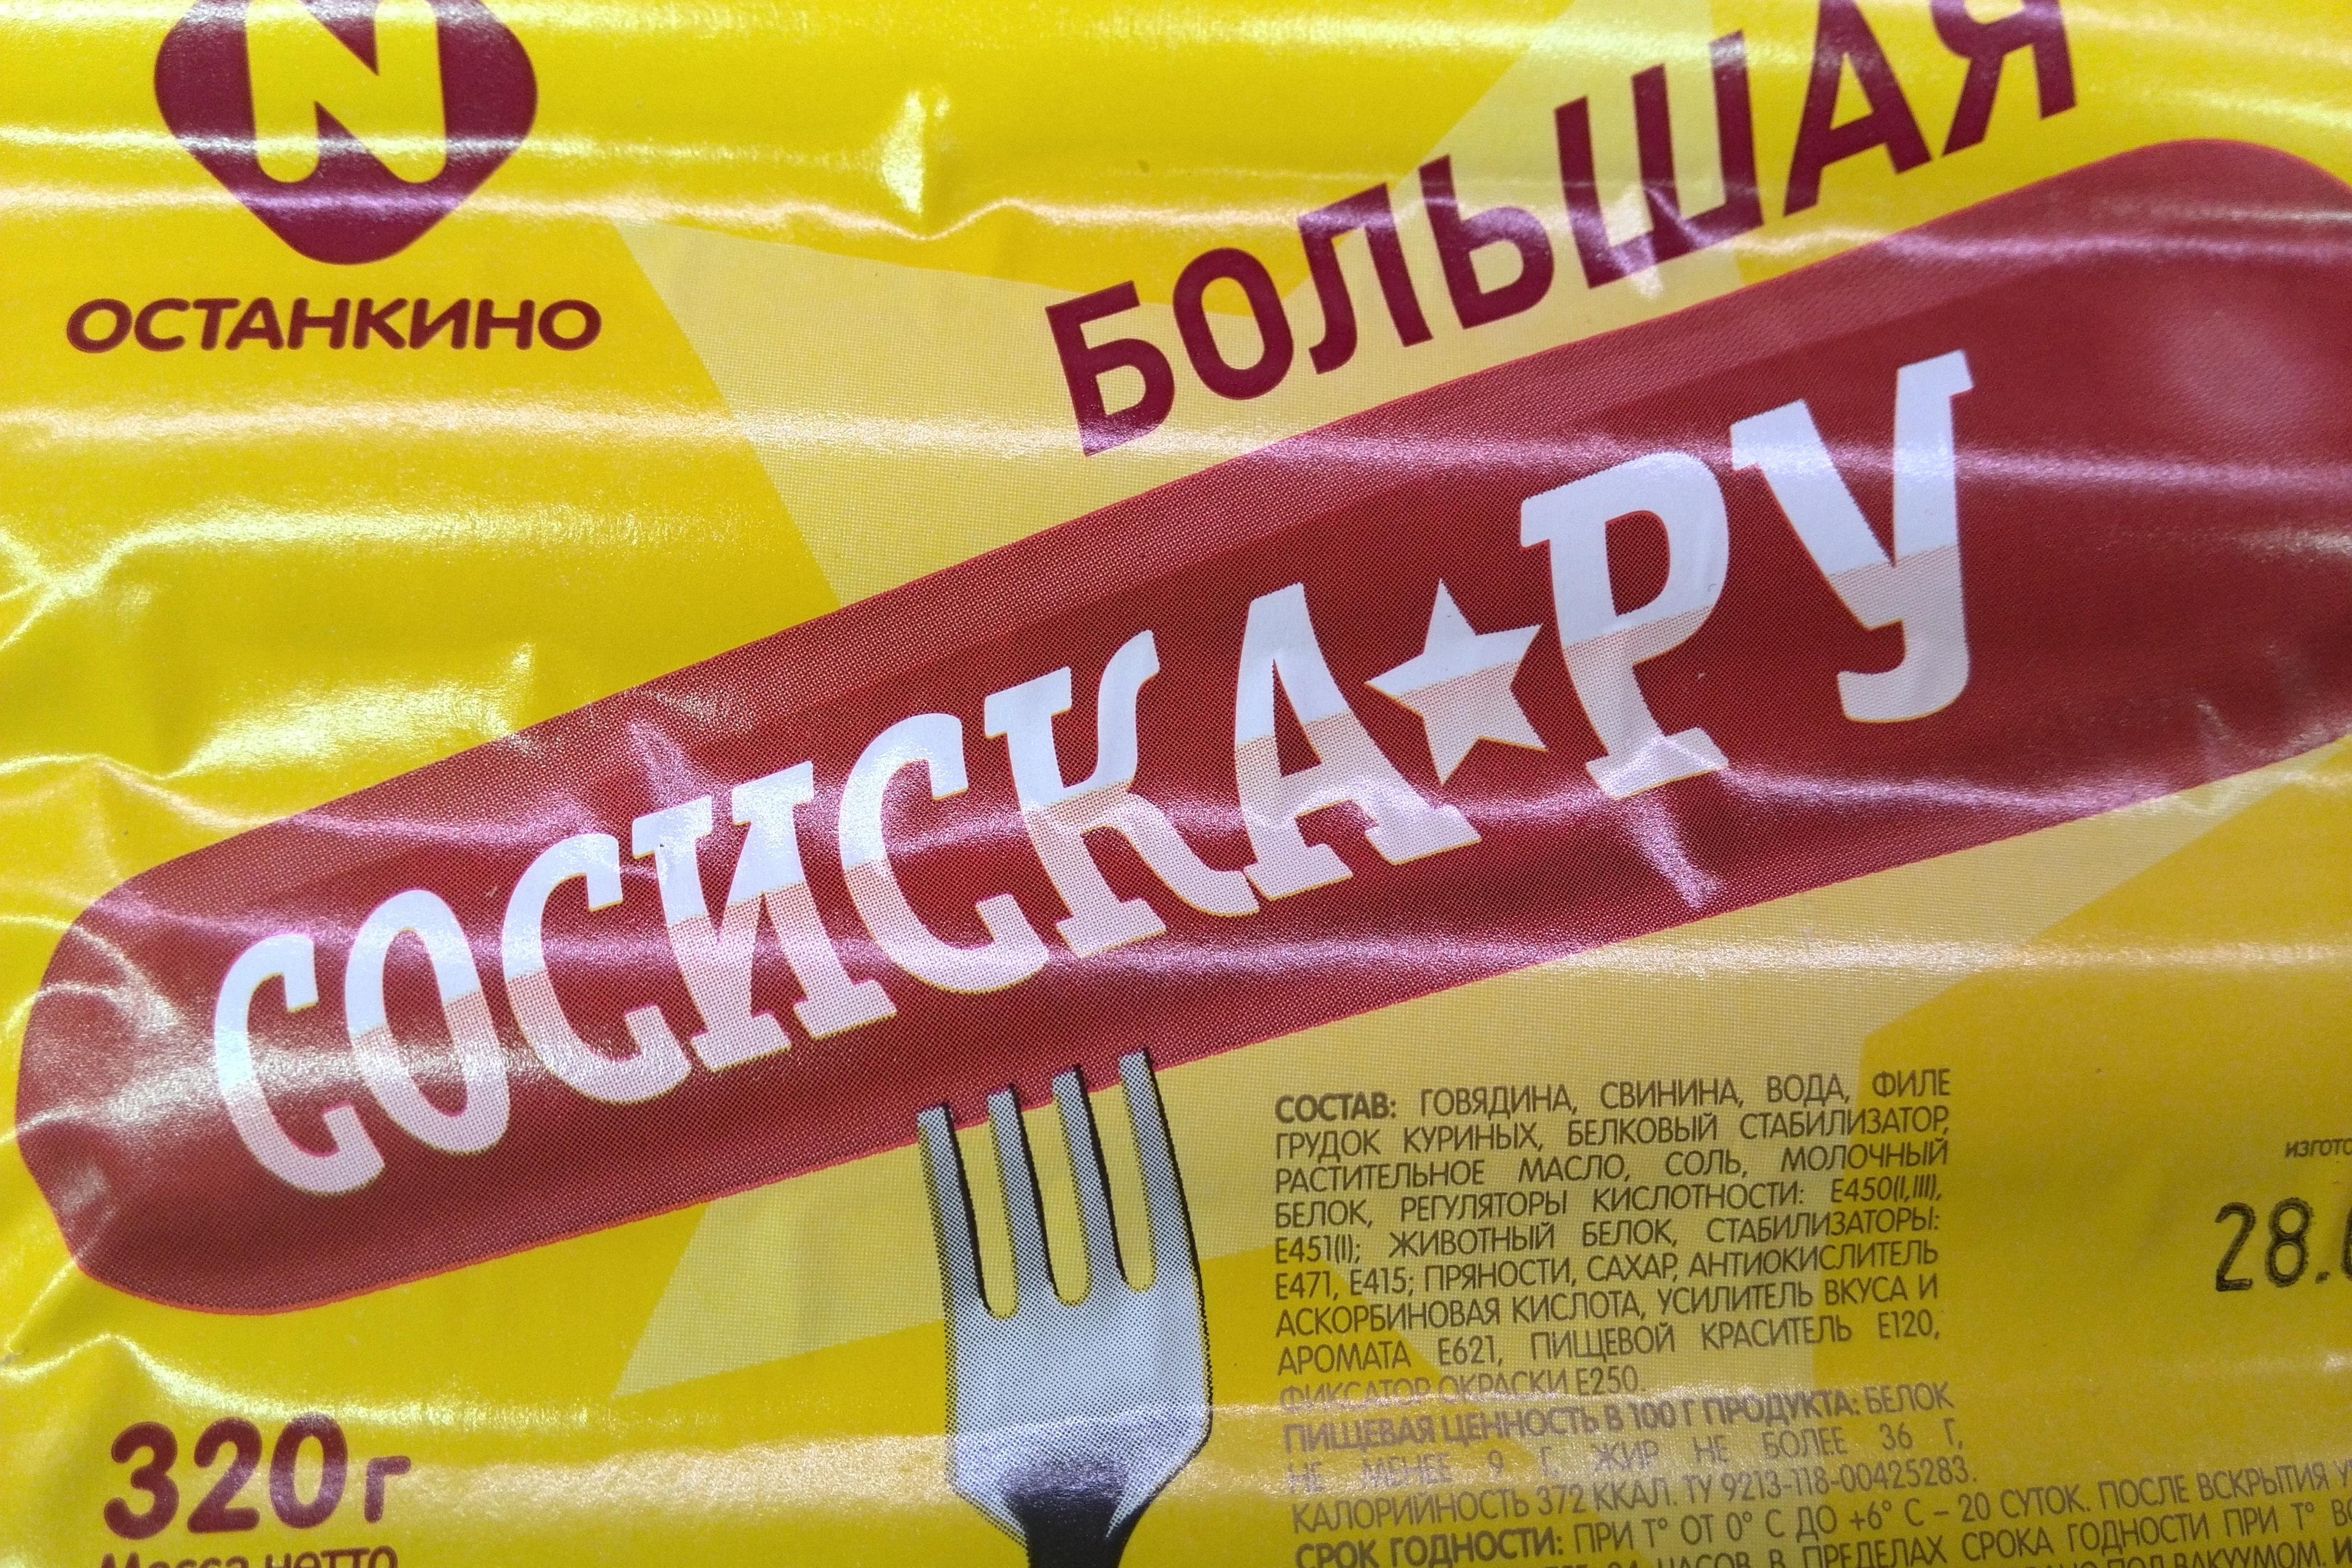 Искусственная колбаса на прилавках магазинов России.jpg